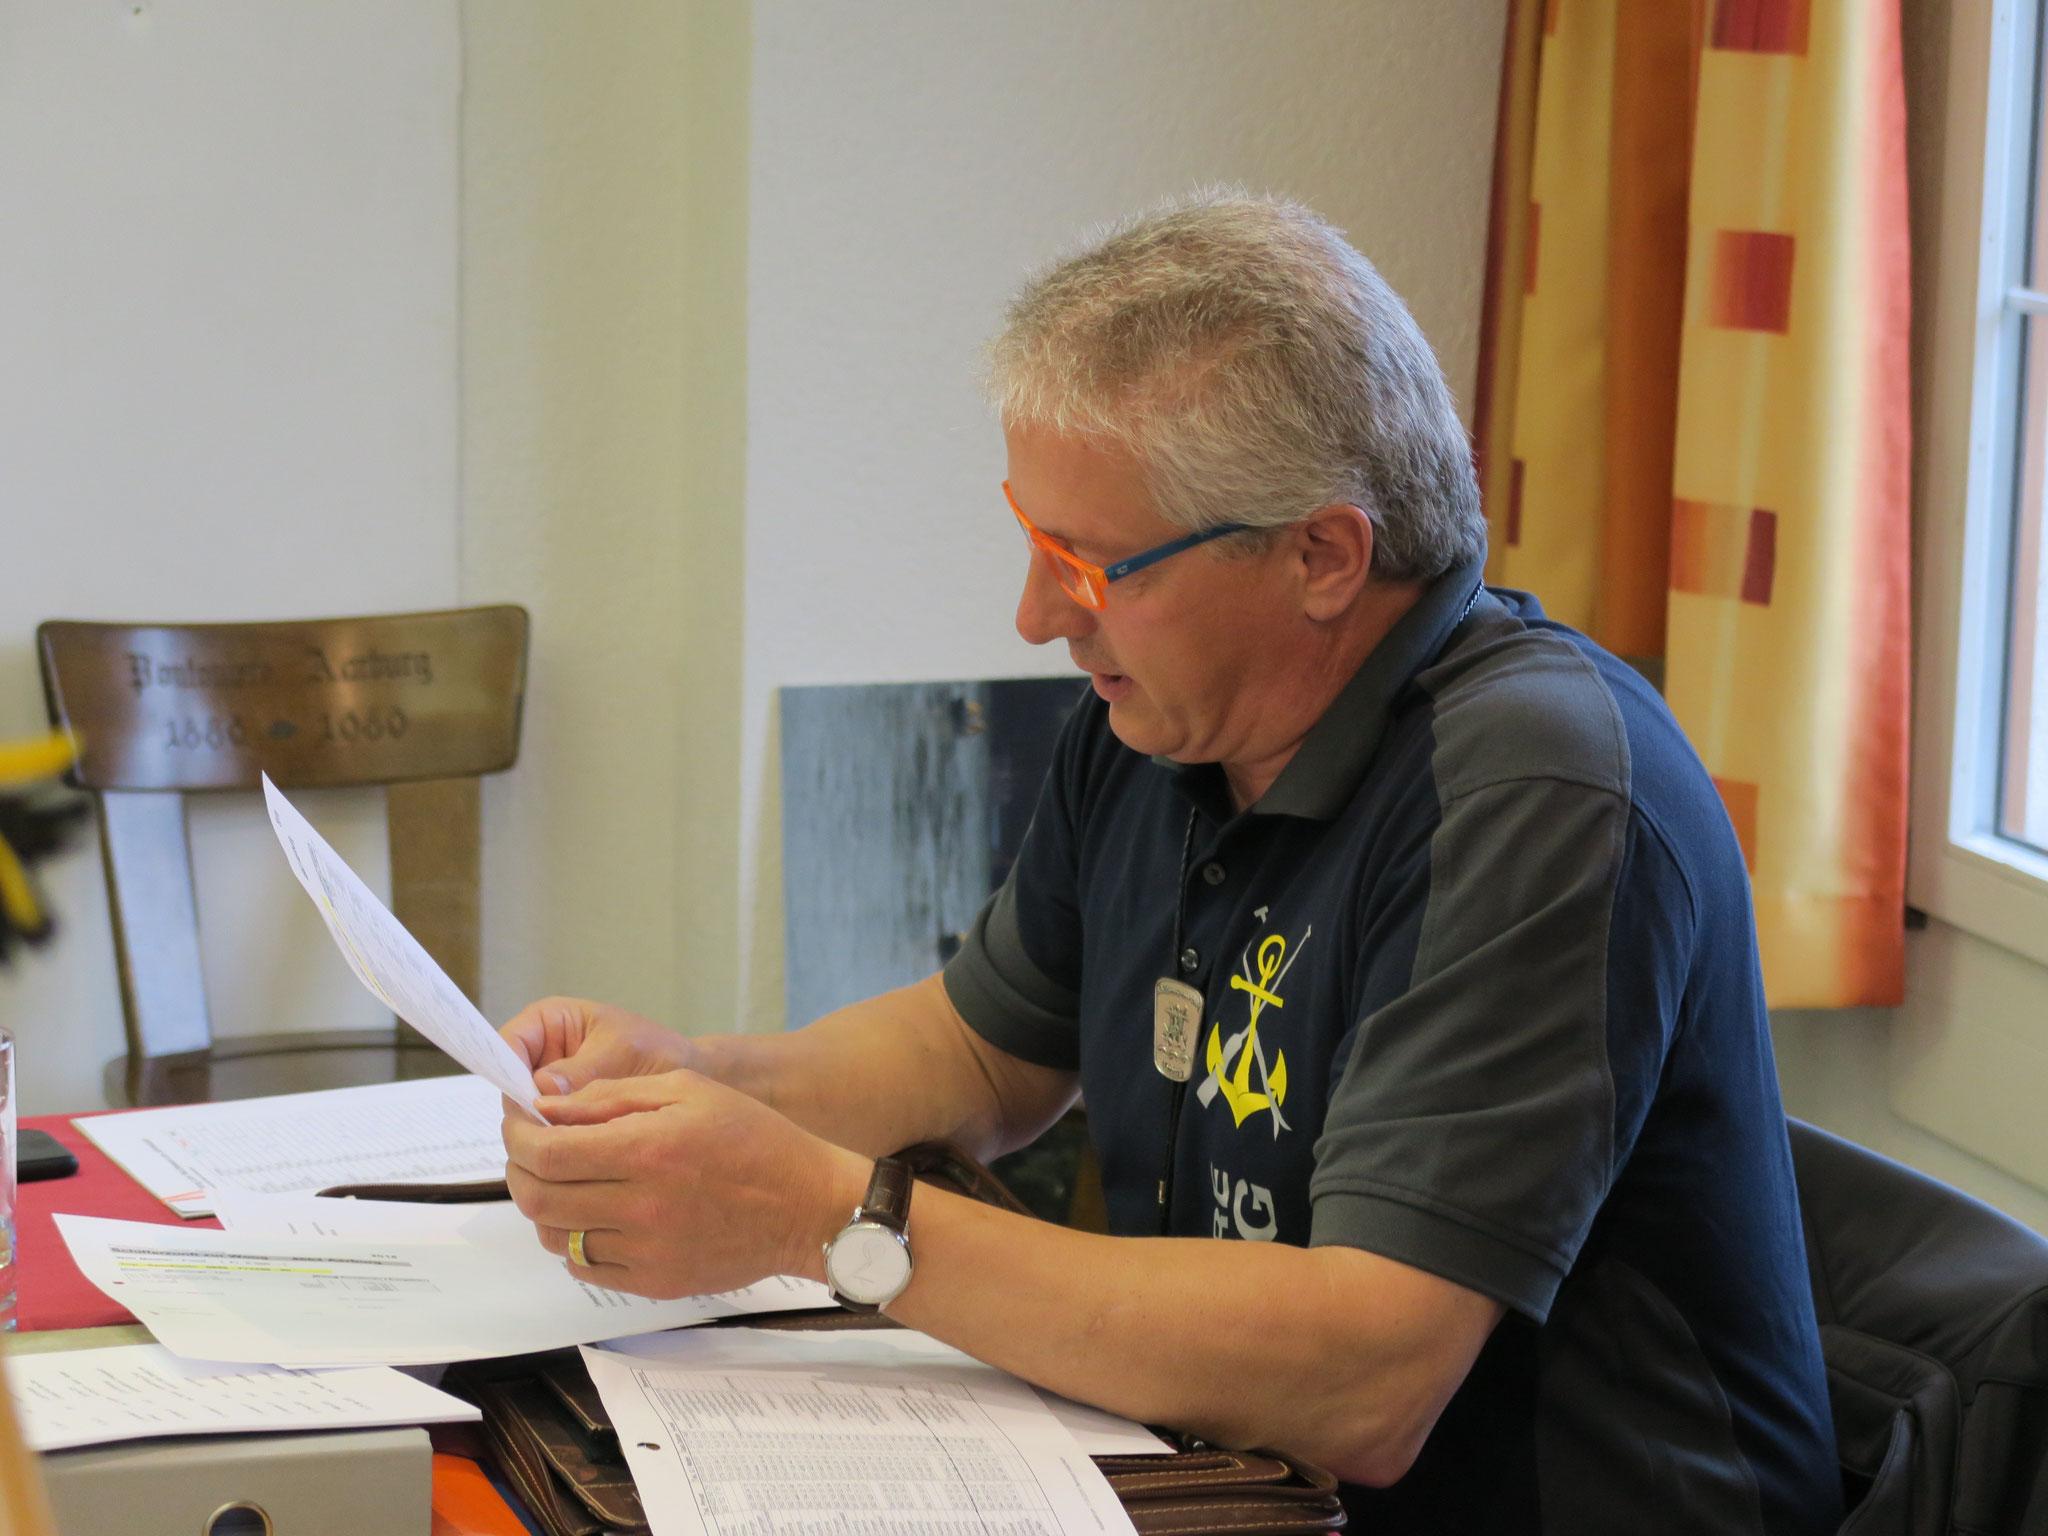 Säckelmeister Dieter Schaub